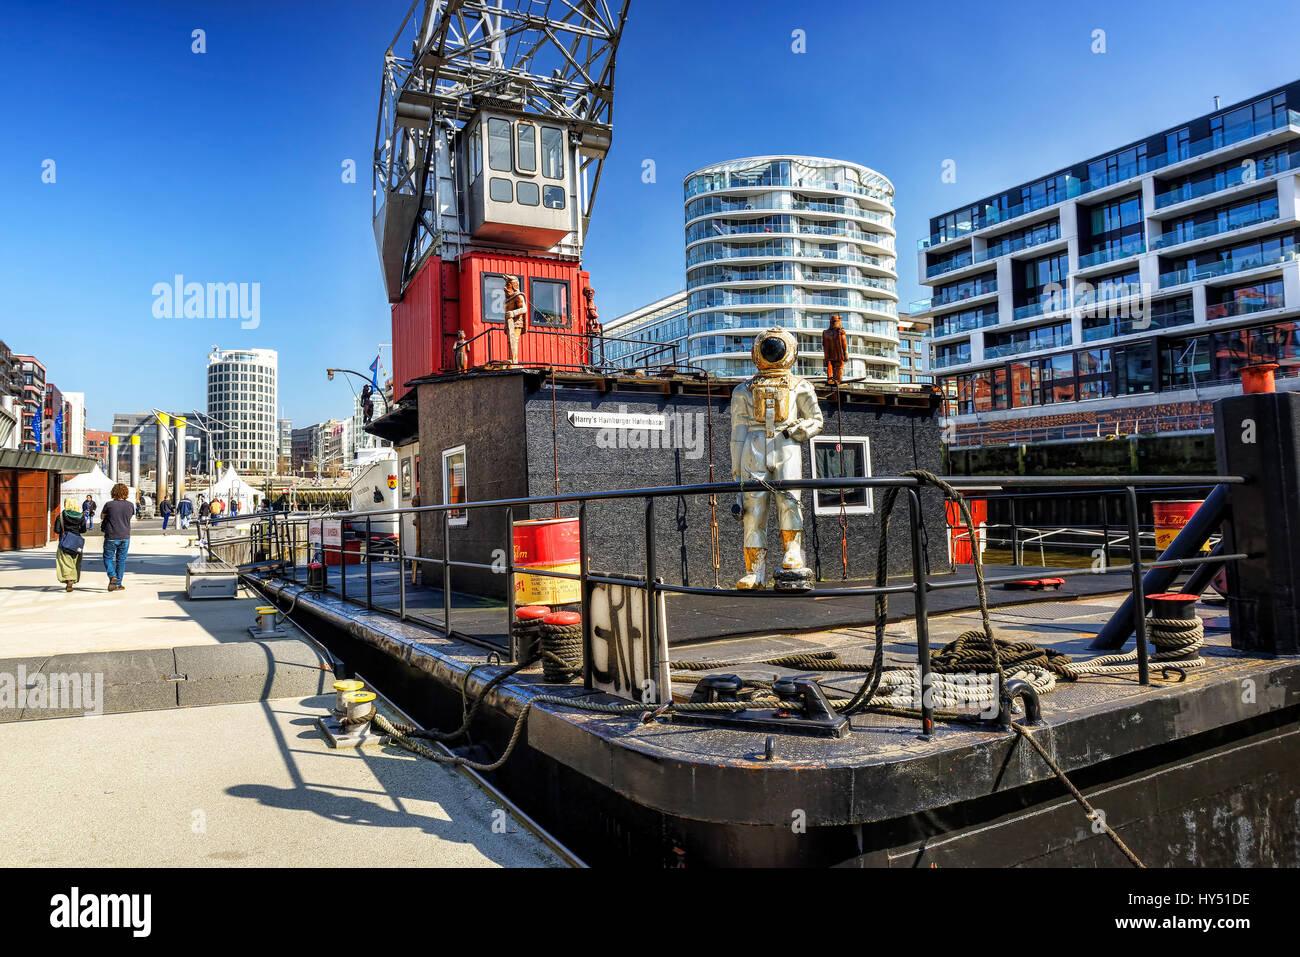 Harry's Hamburg harbour bazaar in the sandy gate harbour in the harbour city of Hamburg, Germany, Europe, Harry's - Stock Image